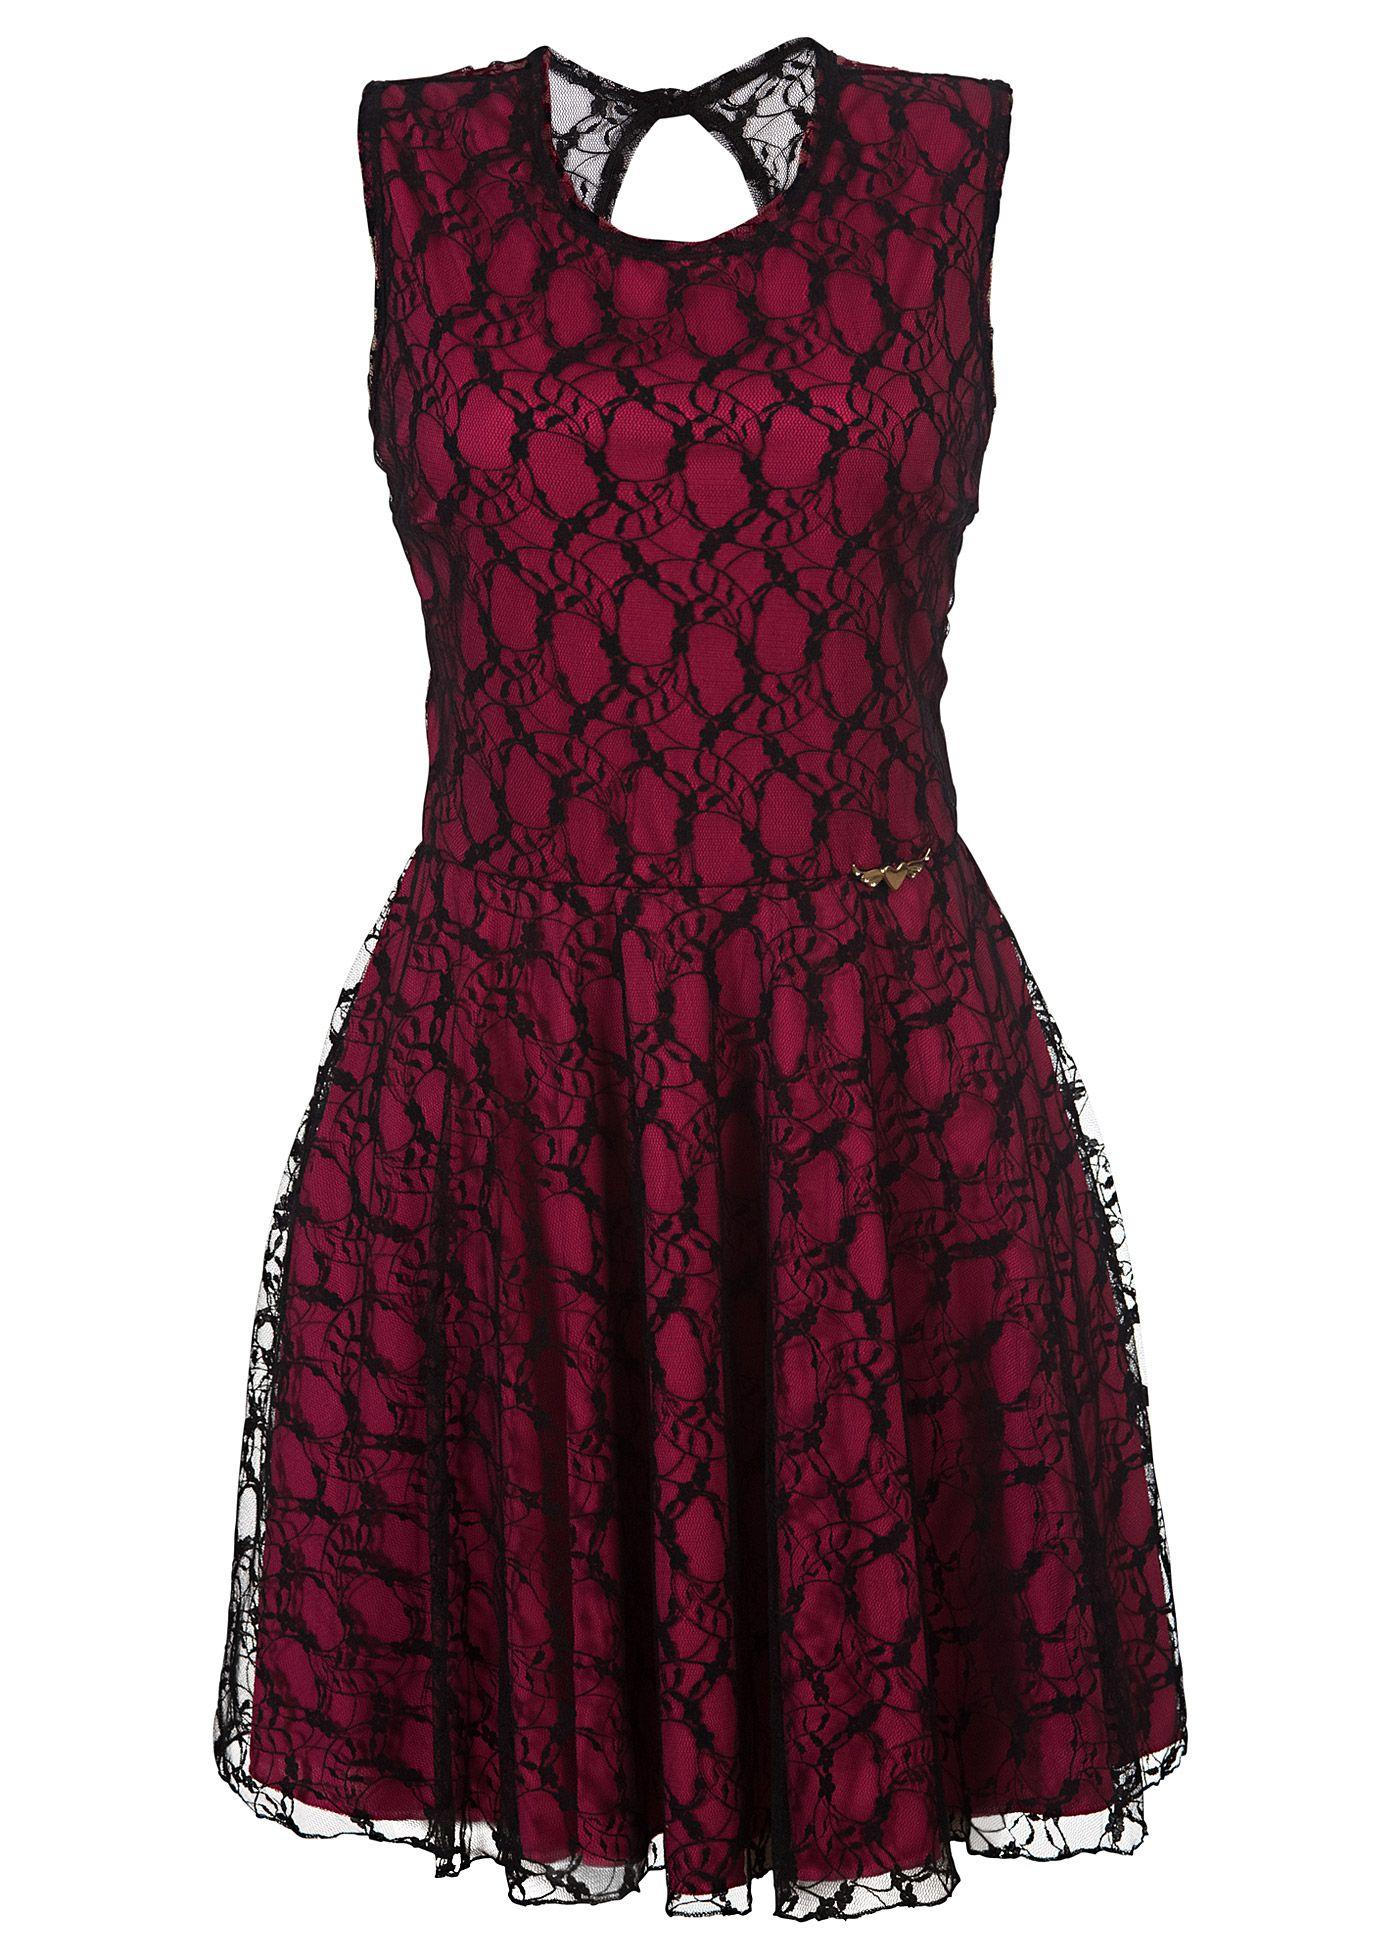 cedf2d92b Vestido de renda preto/pink encomendar agora na loja on-line bonprix.de R$  119,00 a partir de Este vestido é um clássico! Chique e simples.  Confeccionado .